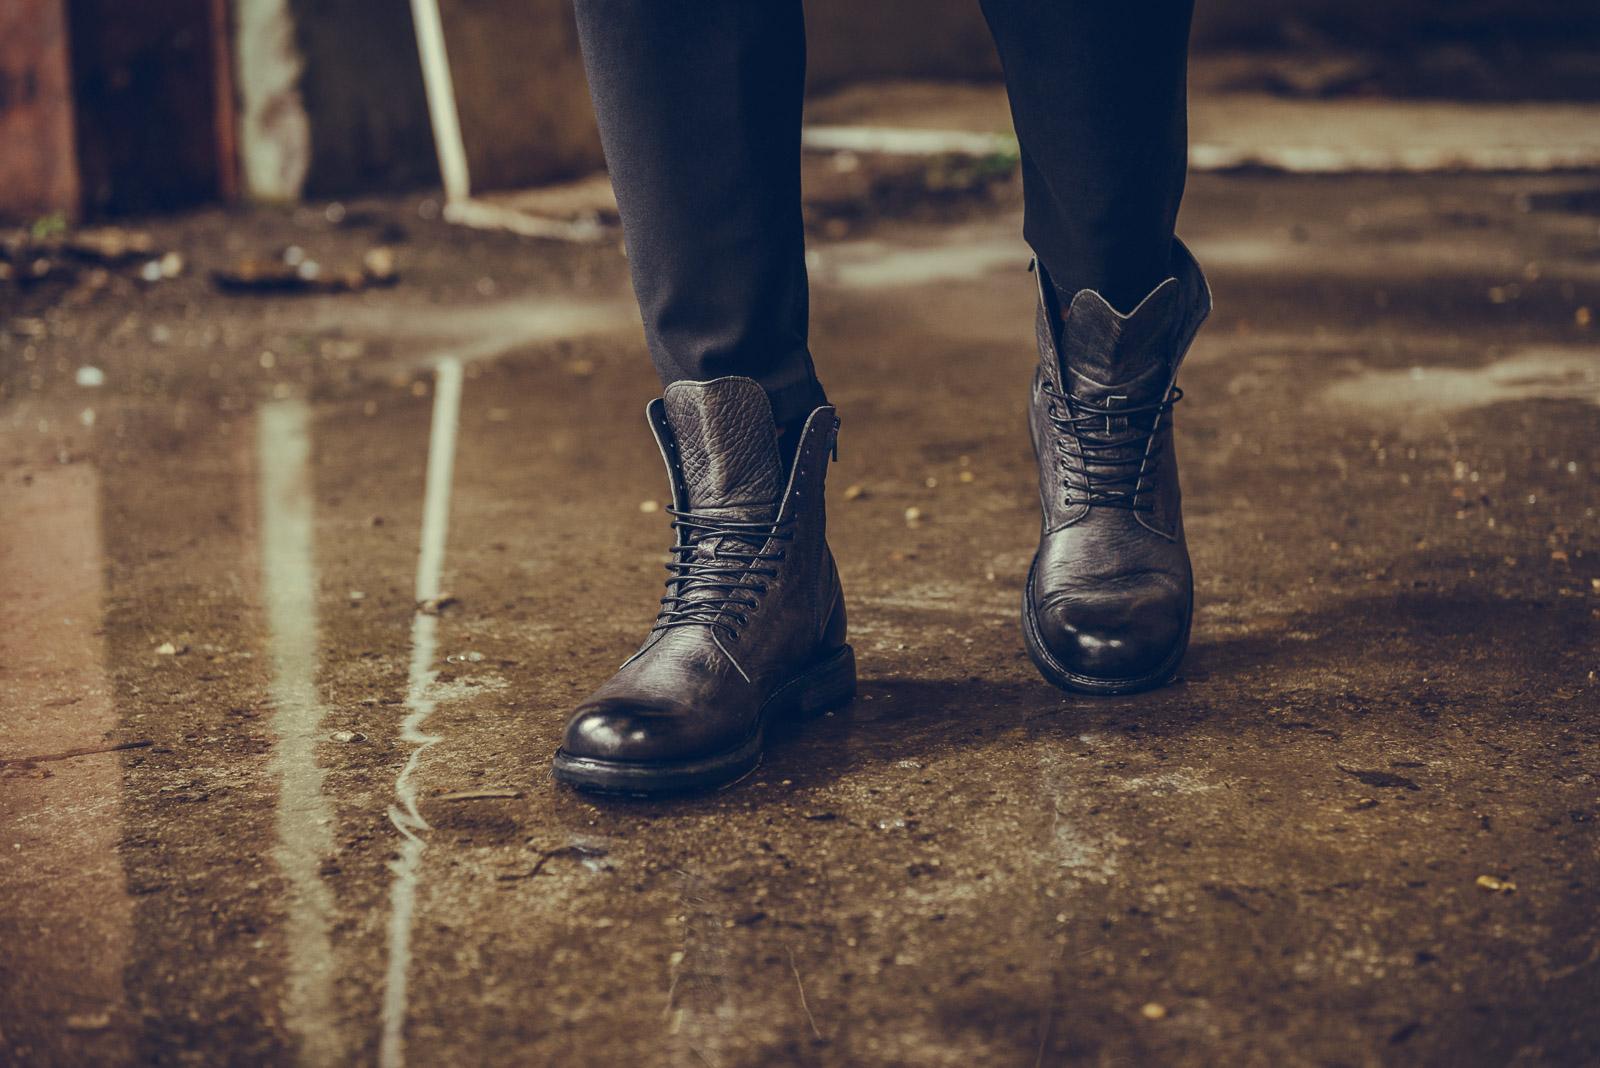 foto dettaglio anfibio scarpa inverno 2015